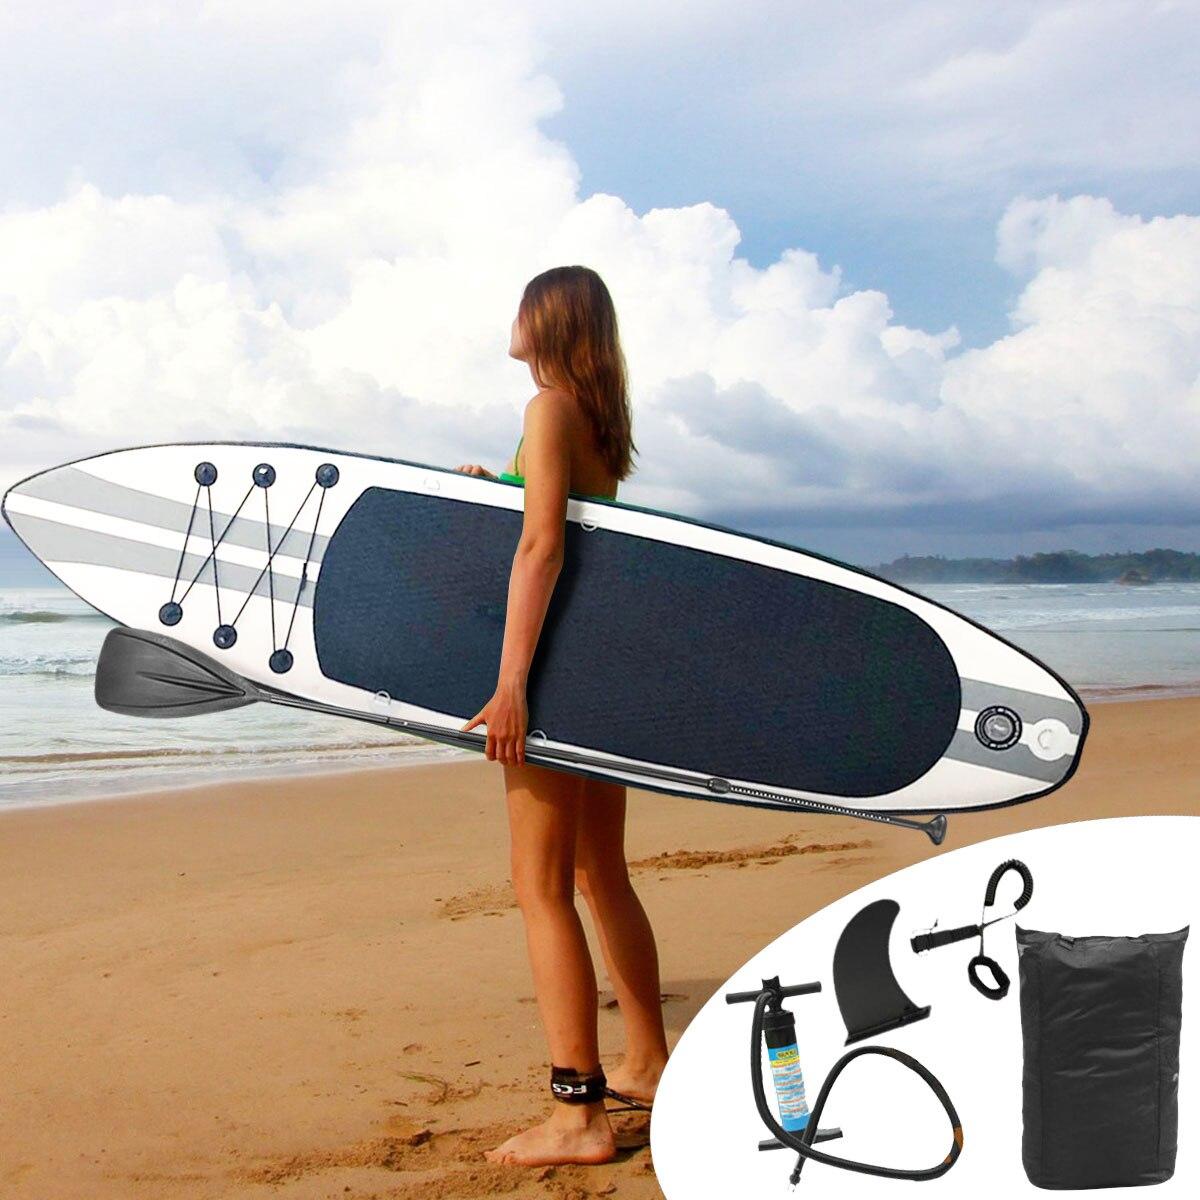 320x78x15 cm inflable tabla de surf deporte de agua Sup con pie de bomba de paleta juego de Herramientas de cuerda de seguridad